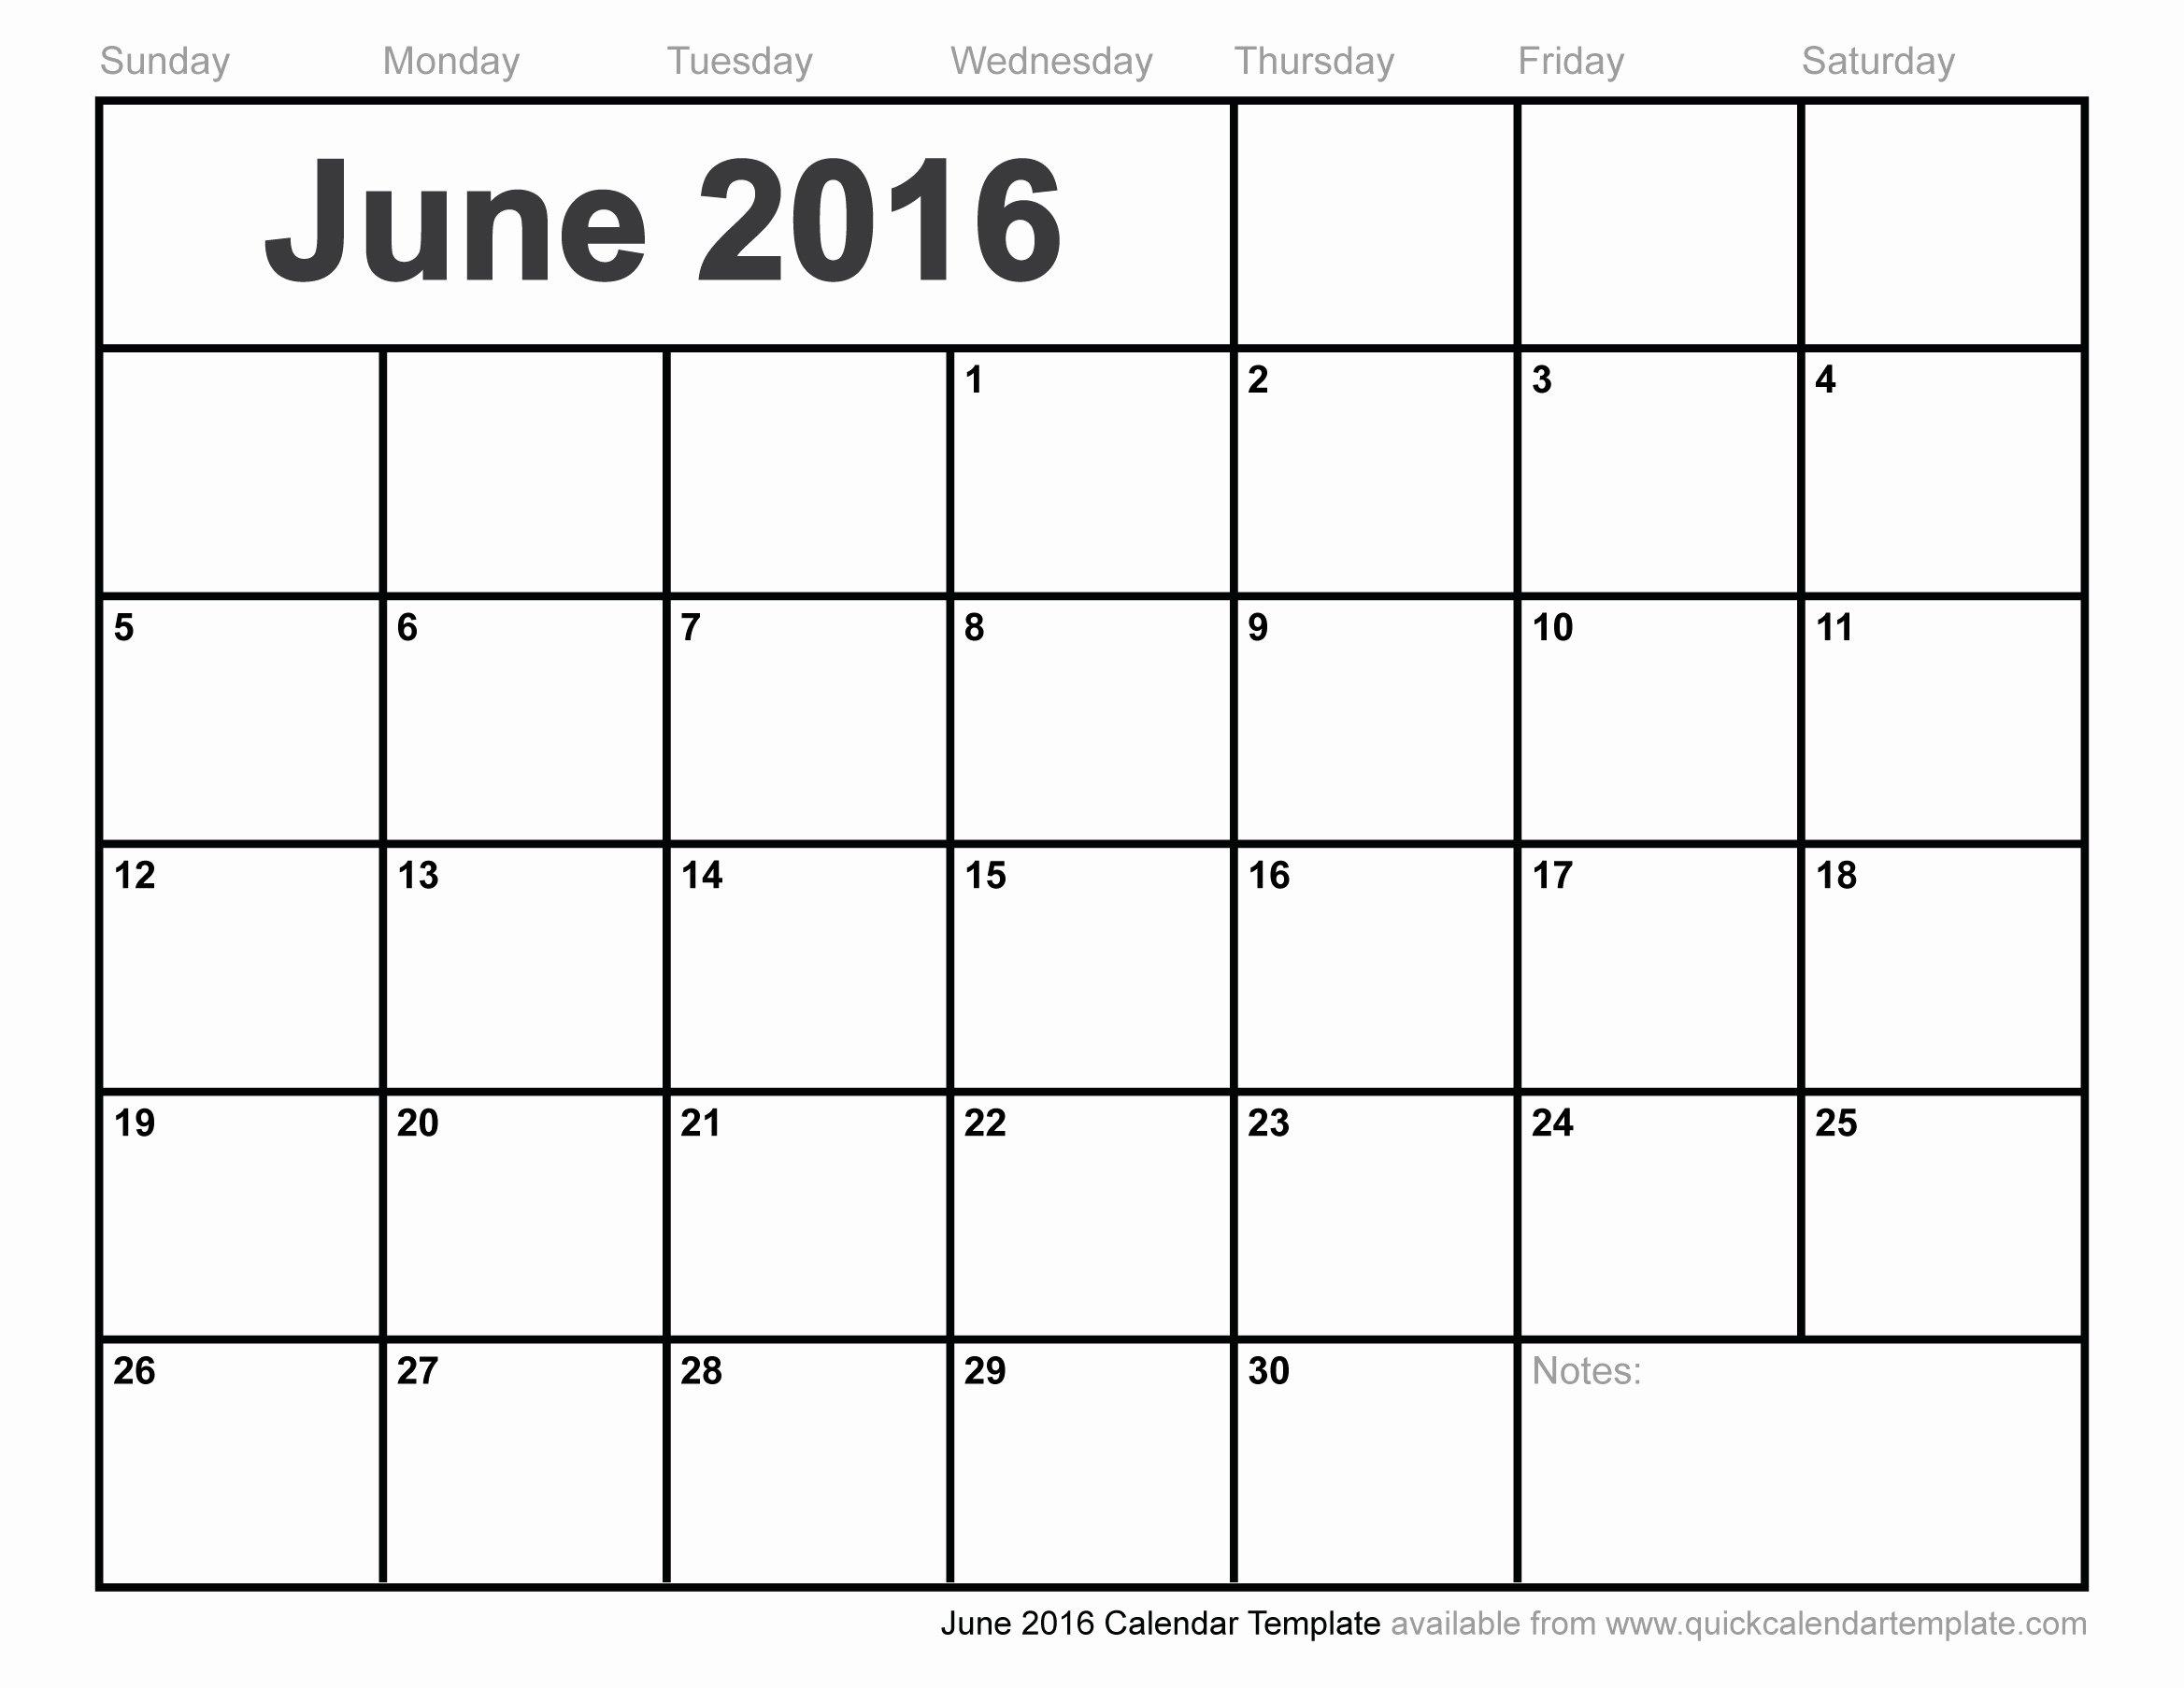 Powerpoint Calendar Template 2017 Fresh Powerpoint December Calendar Template 2017